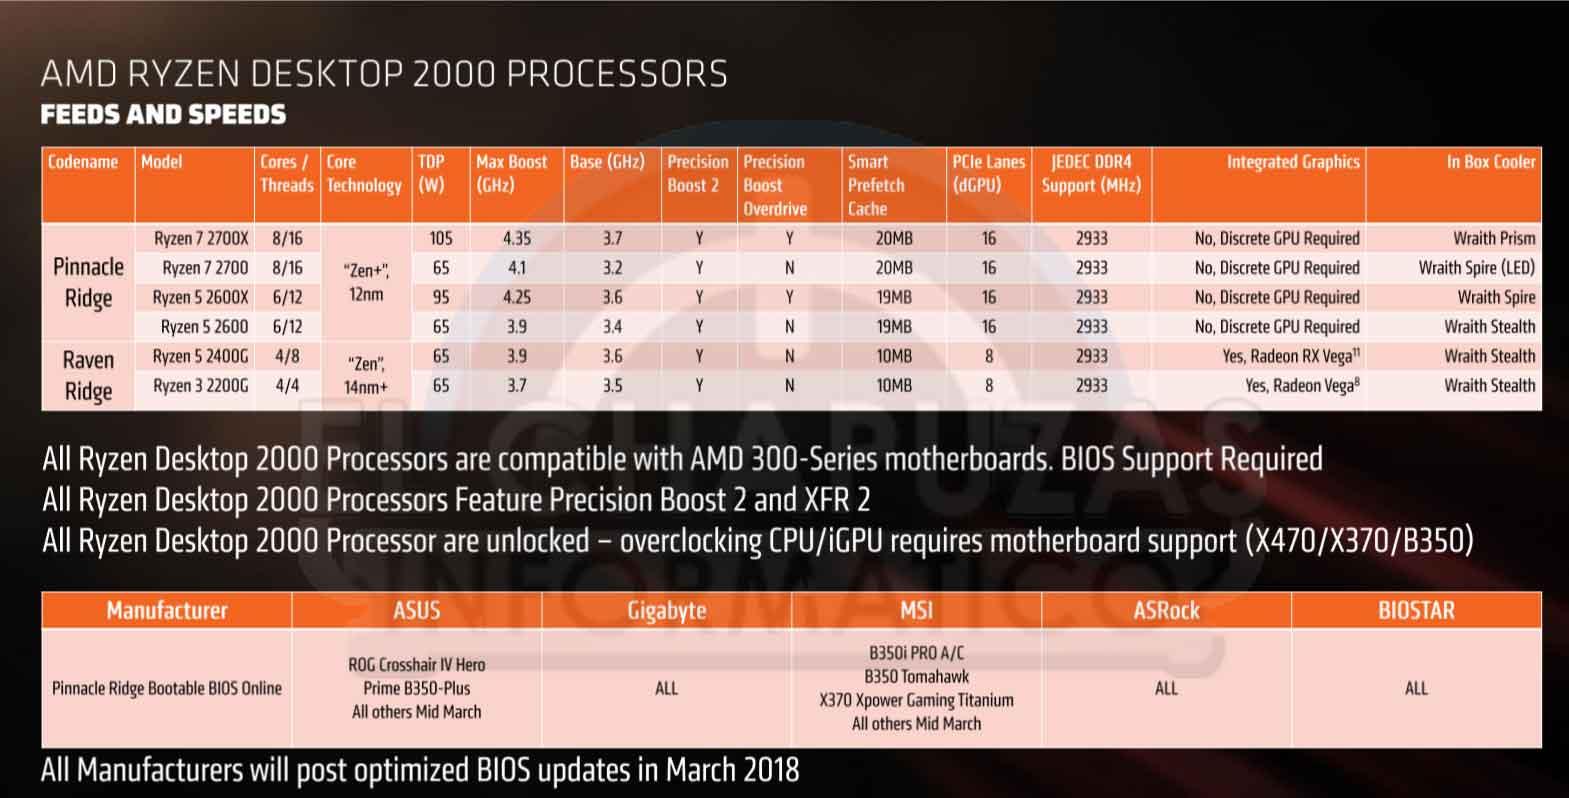 https://www.ginjfo.com/wp-content/uploads/2018/03/AMD-Ryzen-2000-modelos.jpg